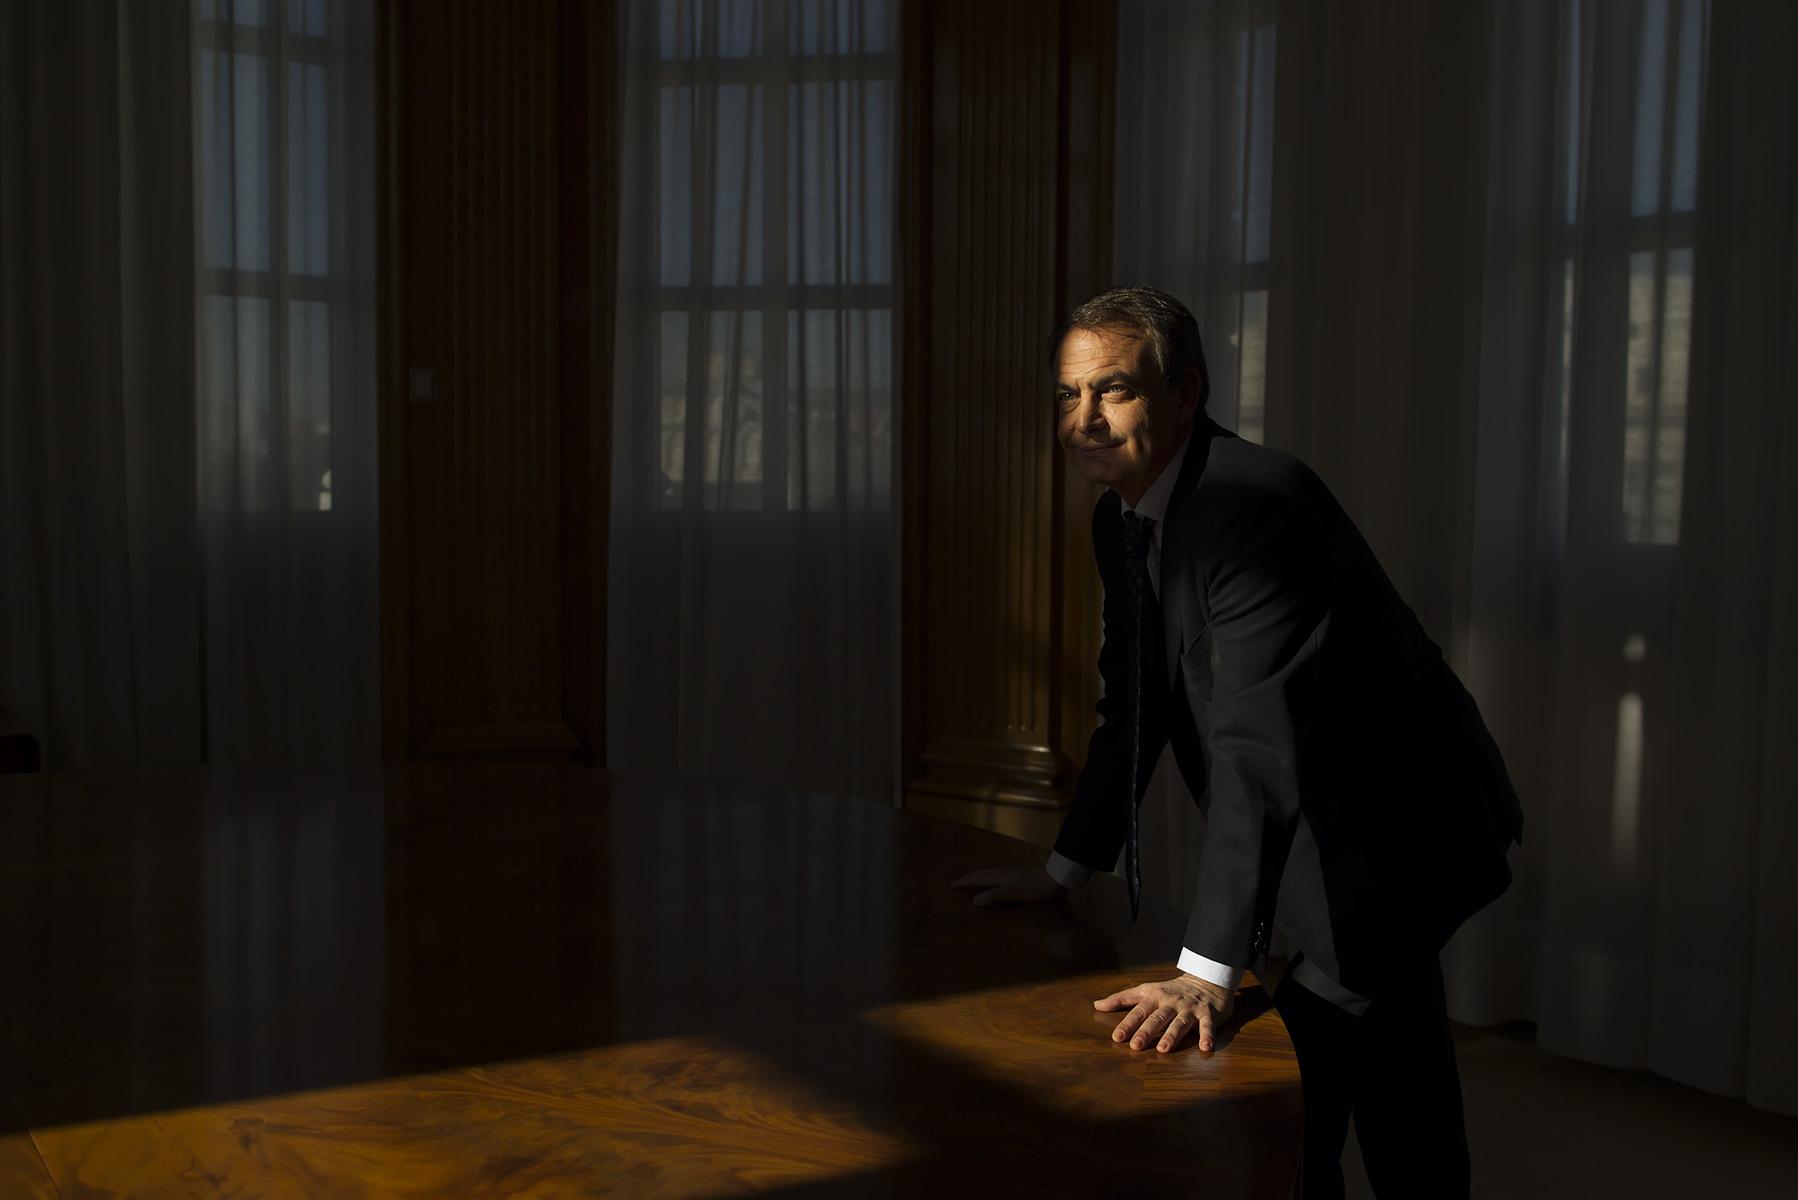 Entrevista con el Ex Presidente del Gobierno Jose Luis Rodriguez Zapatero con motivo de la presentación de su libro {quote}El Dilema{quote}© Alberto R. Roldan / La Razon29 11 2013